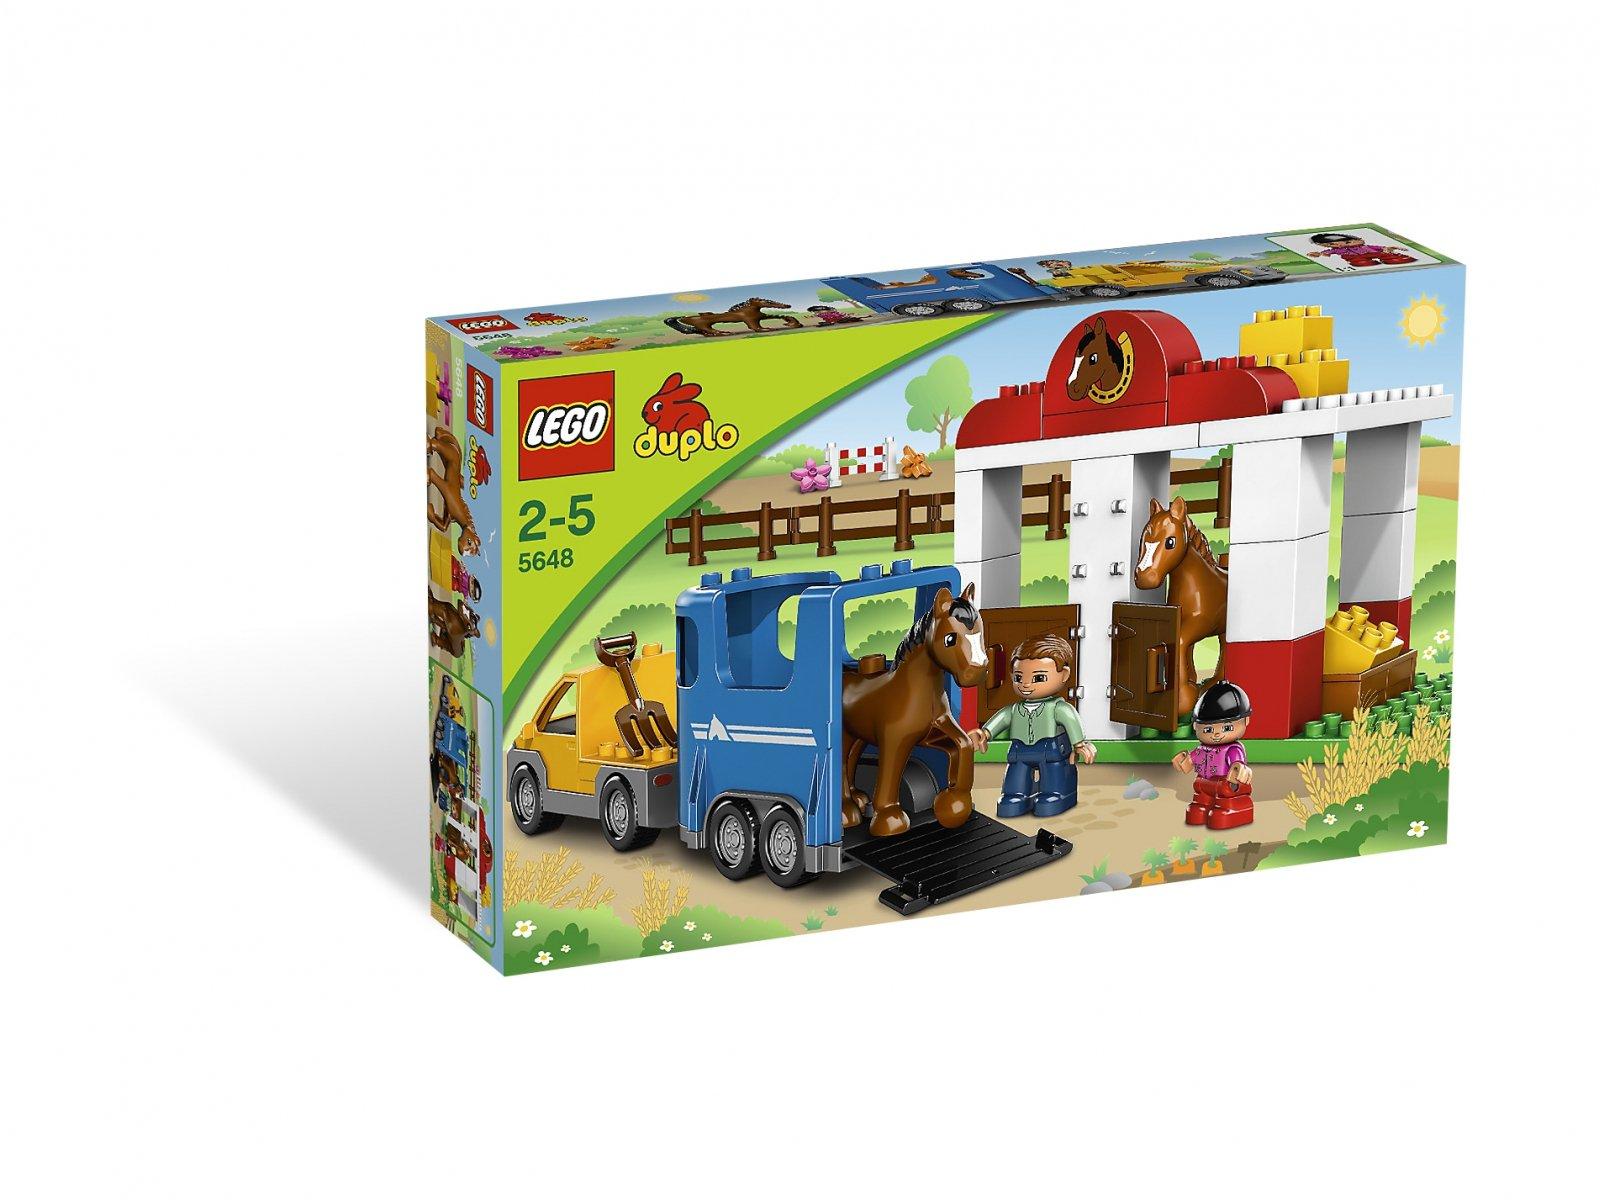 Lego 5648 Duplo Stajnia Porównaj Ceny Zklockówpl